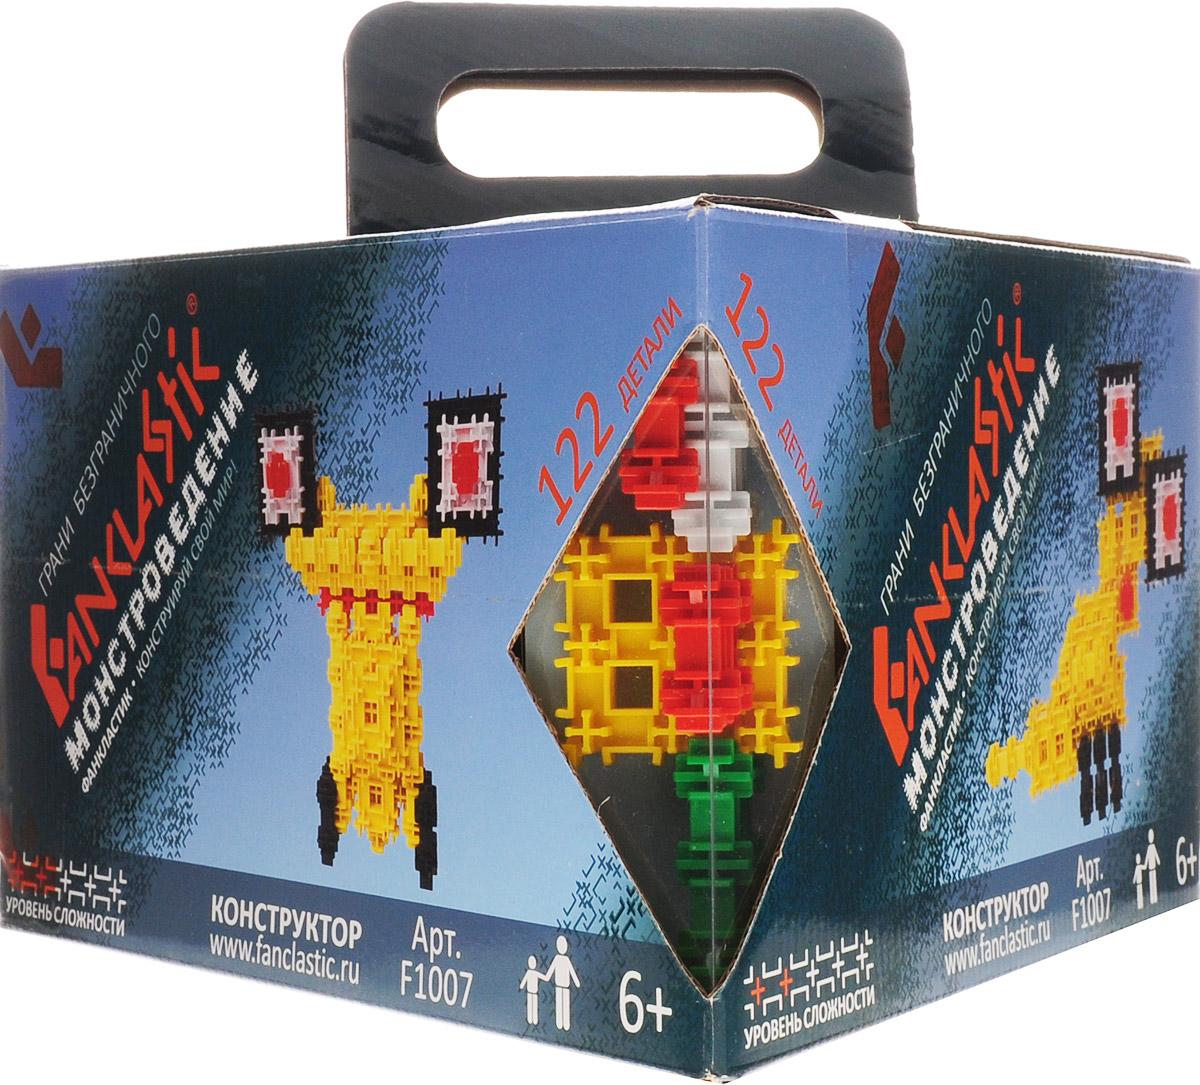 Fanclastic Конструктор Монстроведение конструктор fanclastic набор монстроведение количество деталей 122 шт f1007